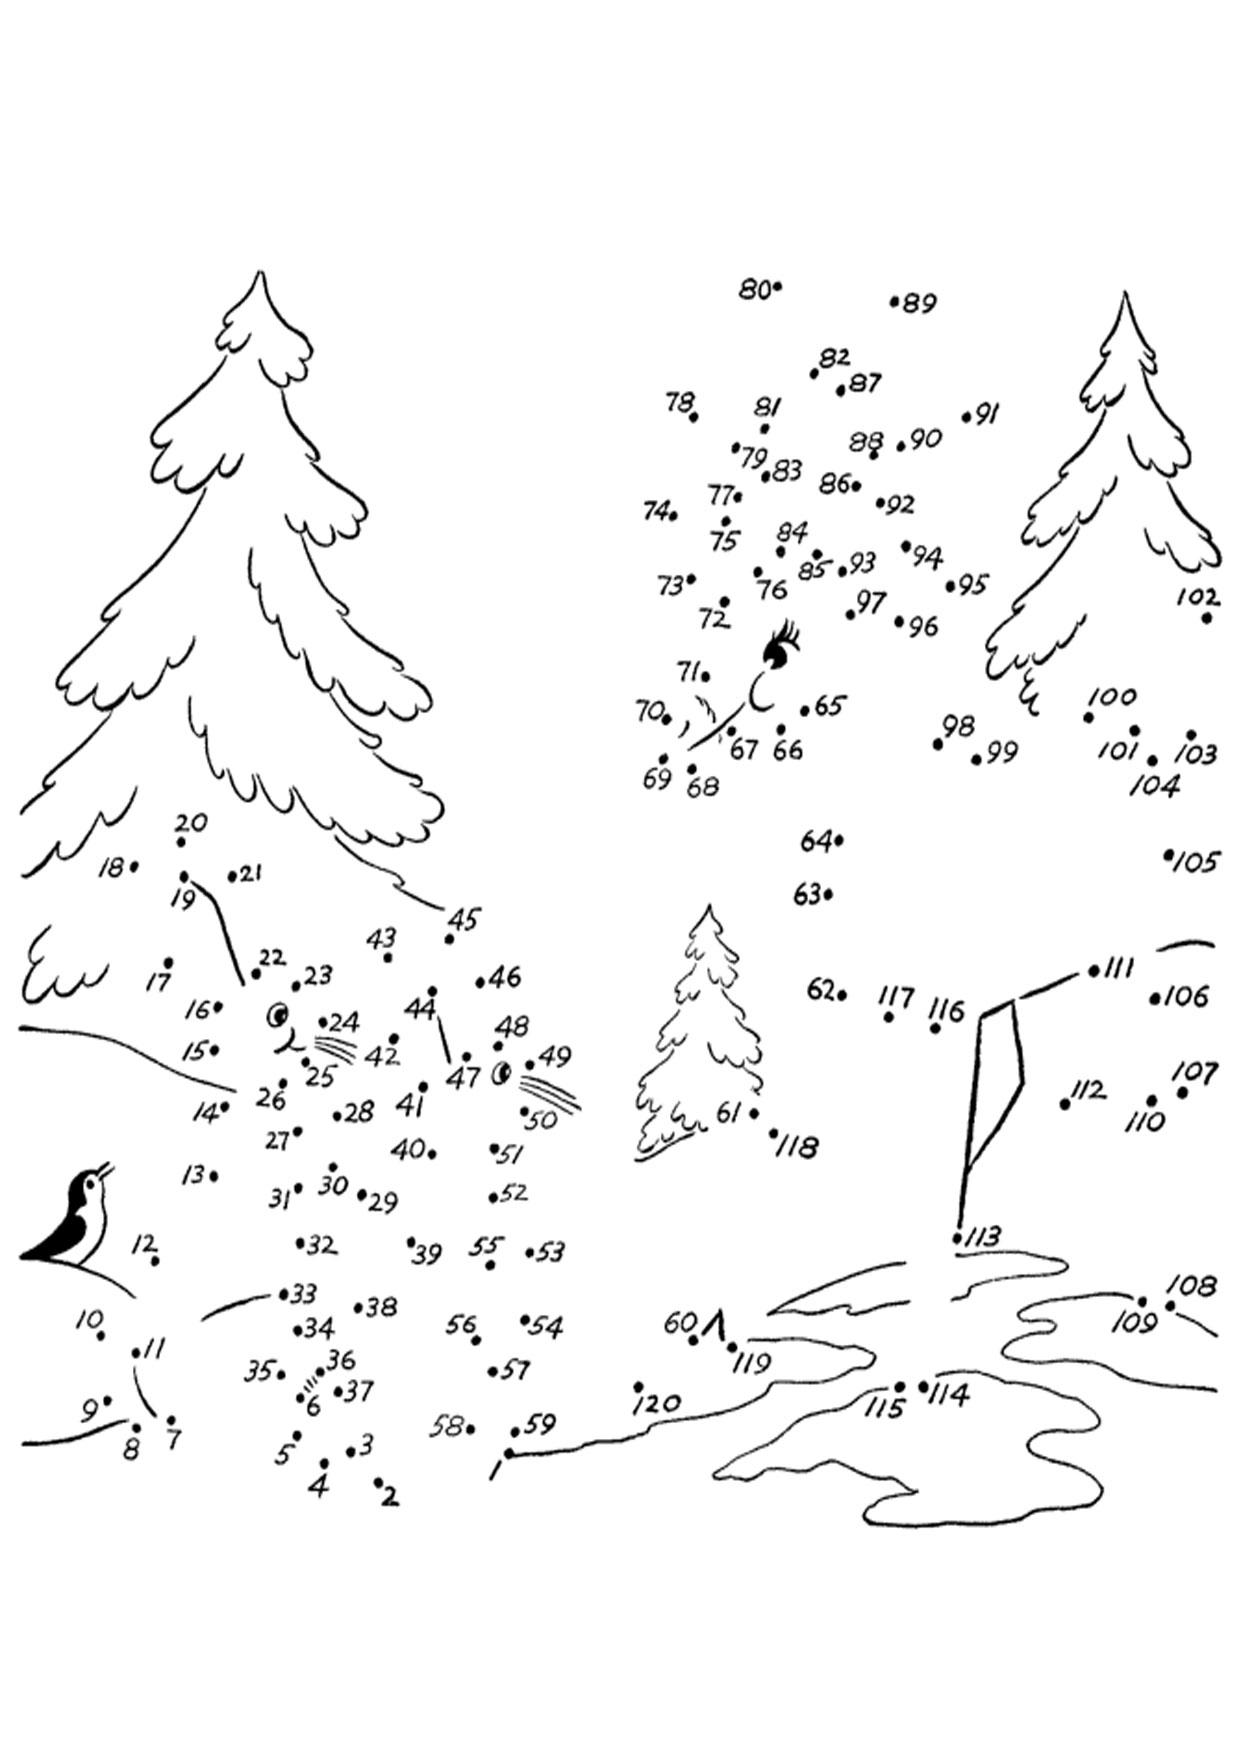 Unisci i puntini paesaggio natalizio 1-120